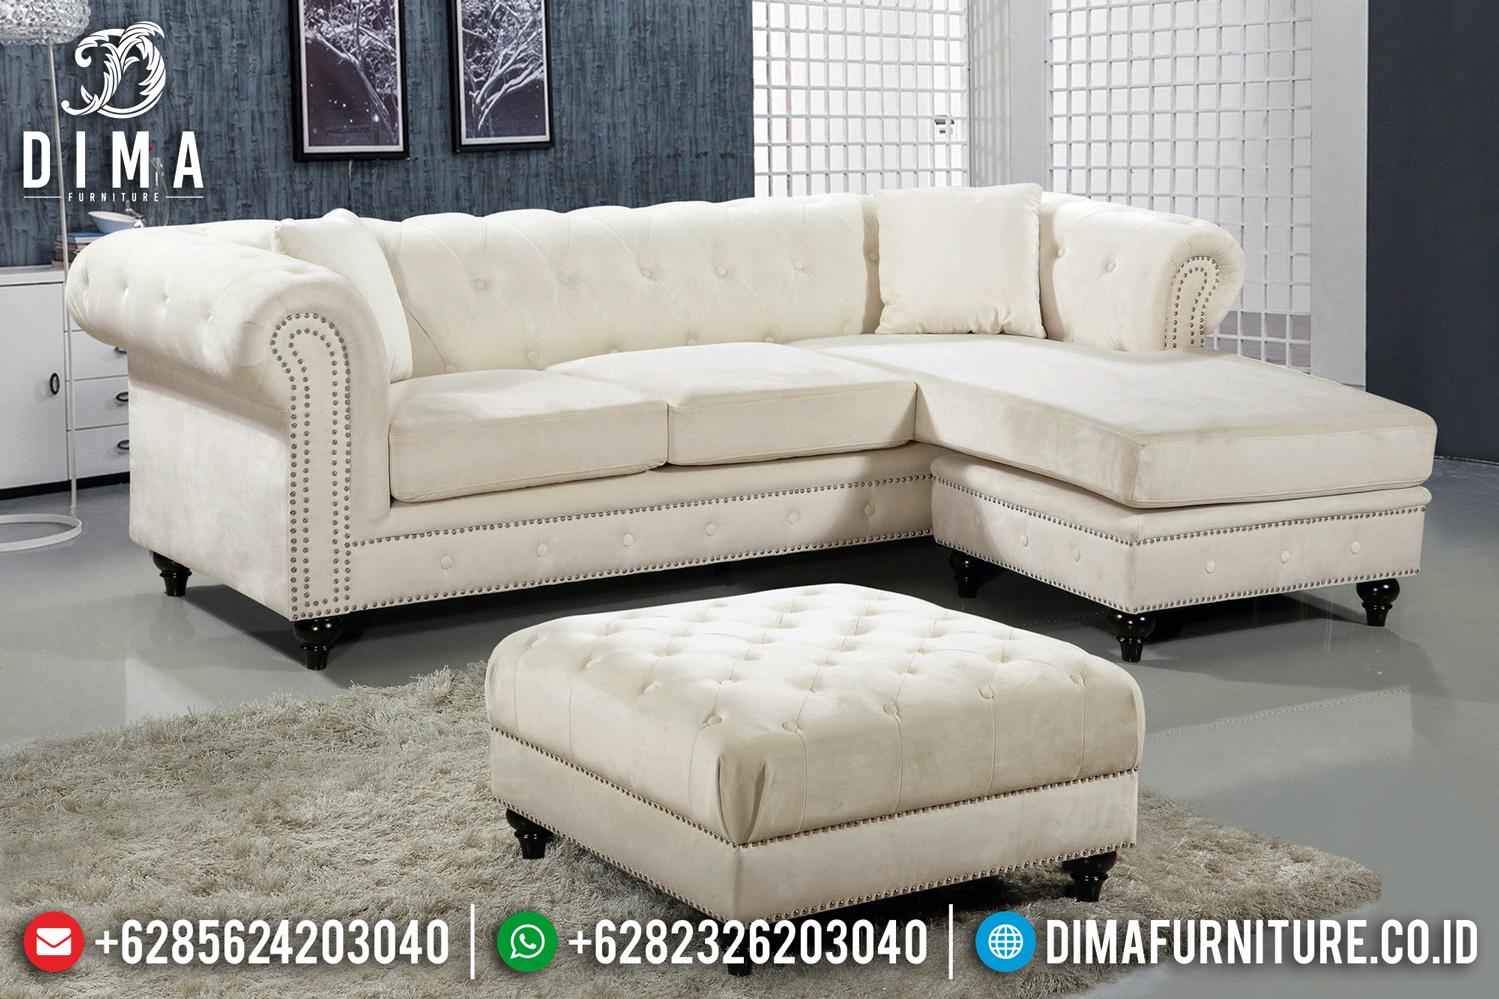 Harga Sofa Tamu Modern Jepara Big Sale Murah Meriah TTJ-0485